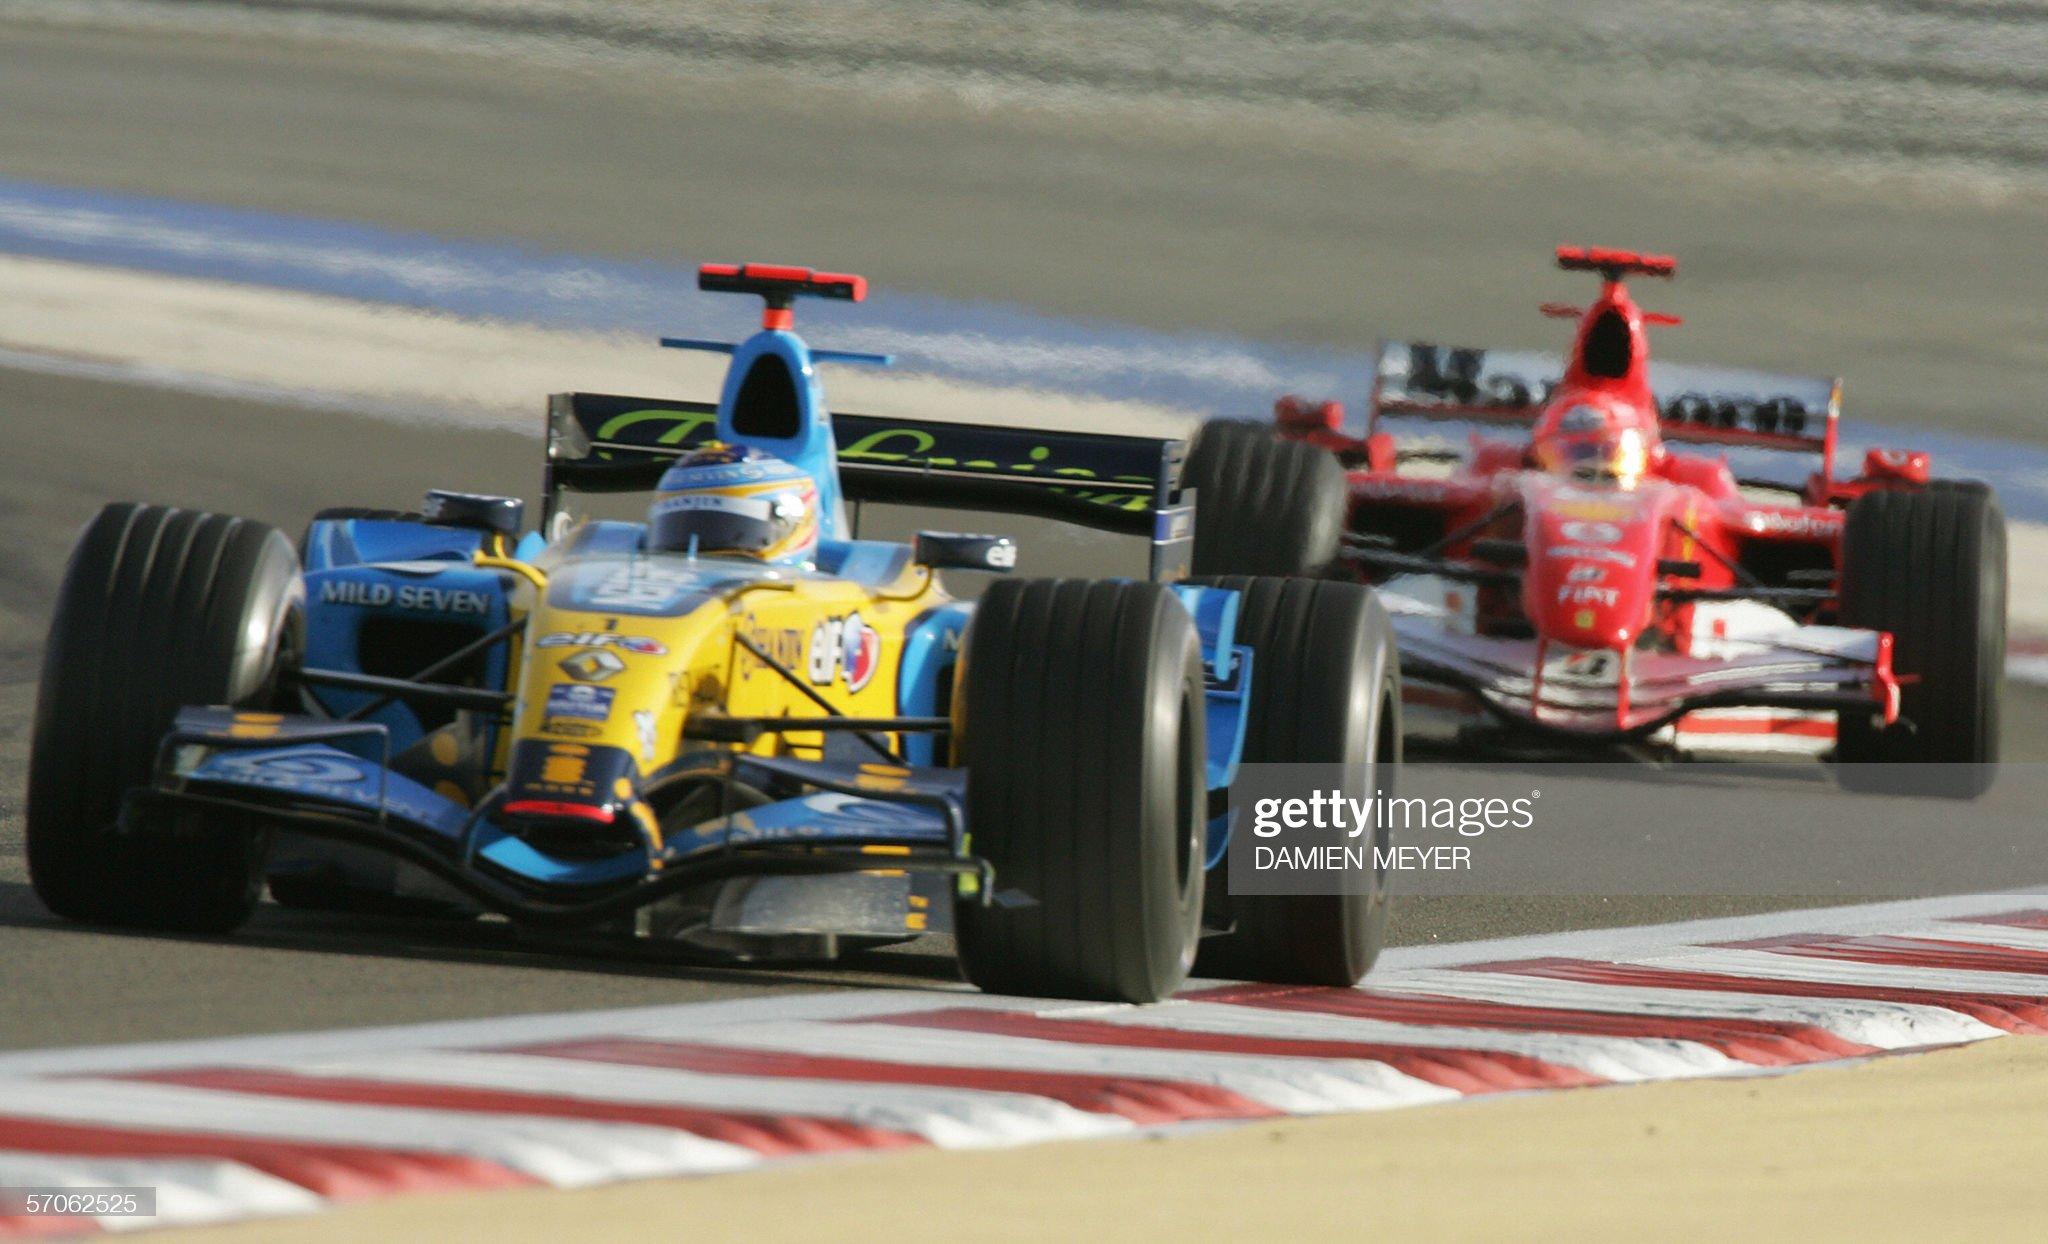 manama-bahrain-spanish-renault-driver-fe